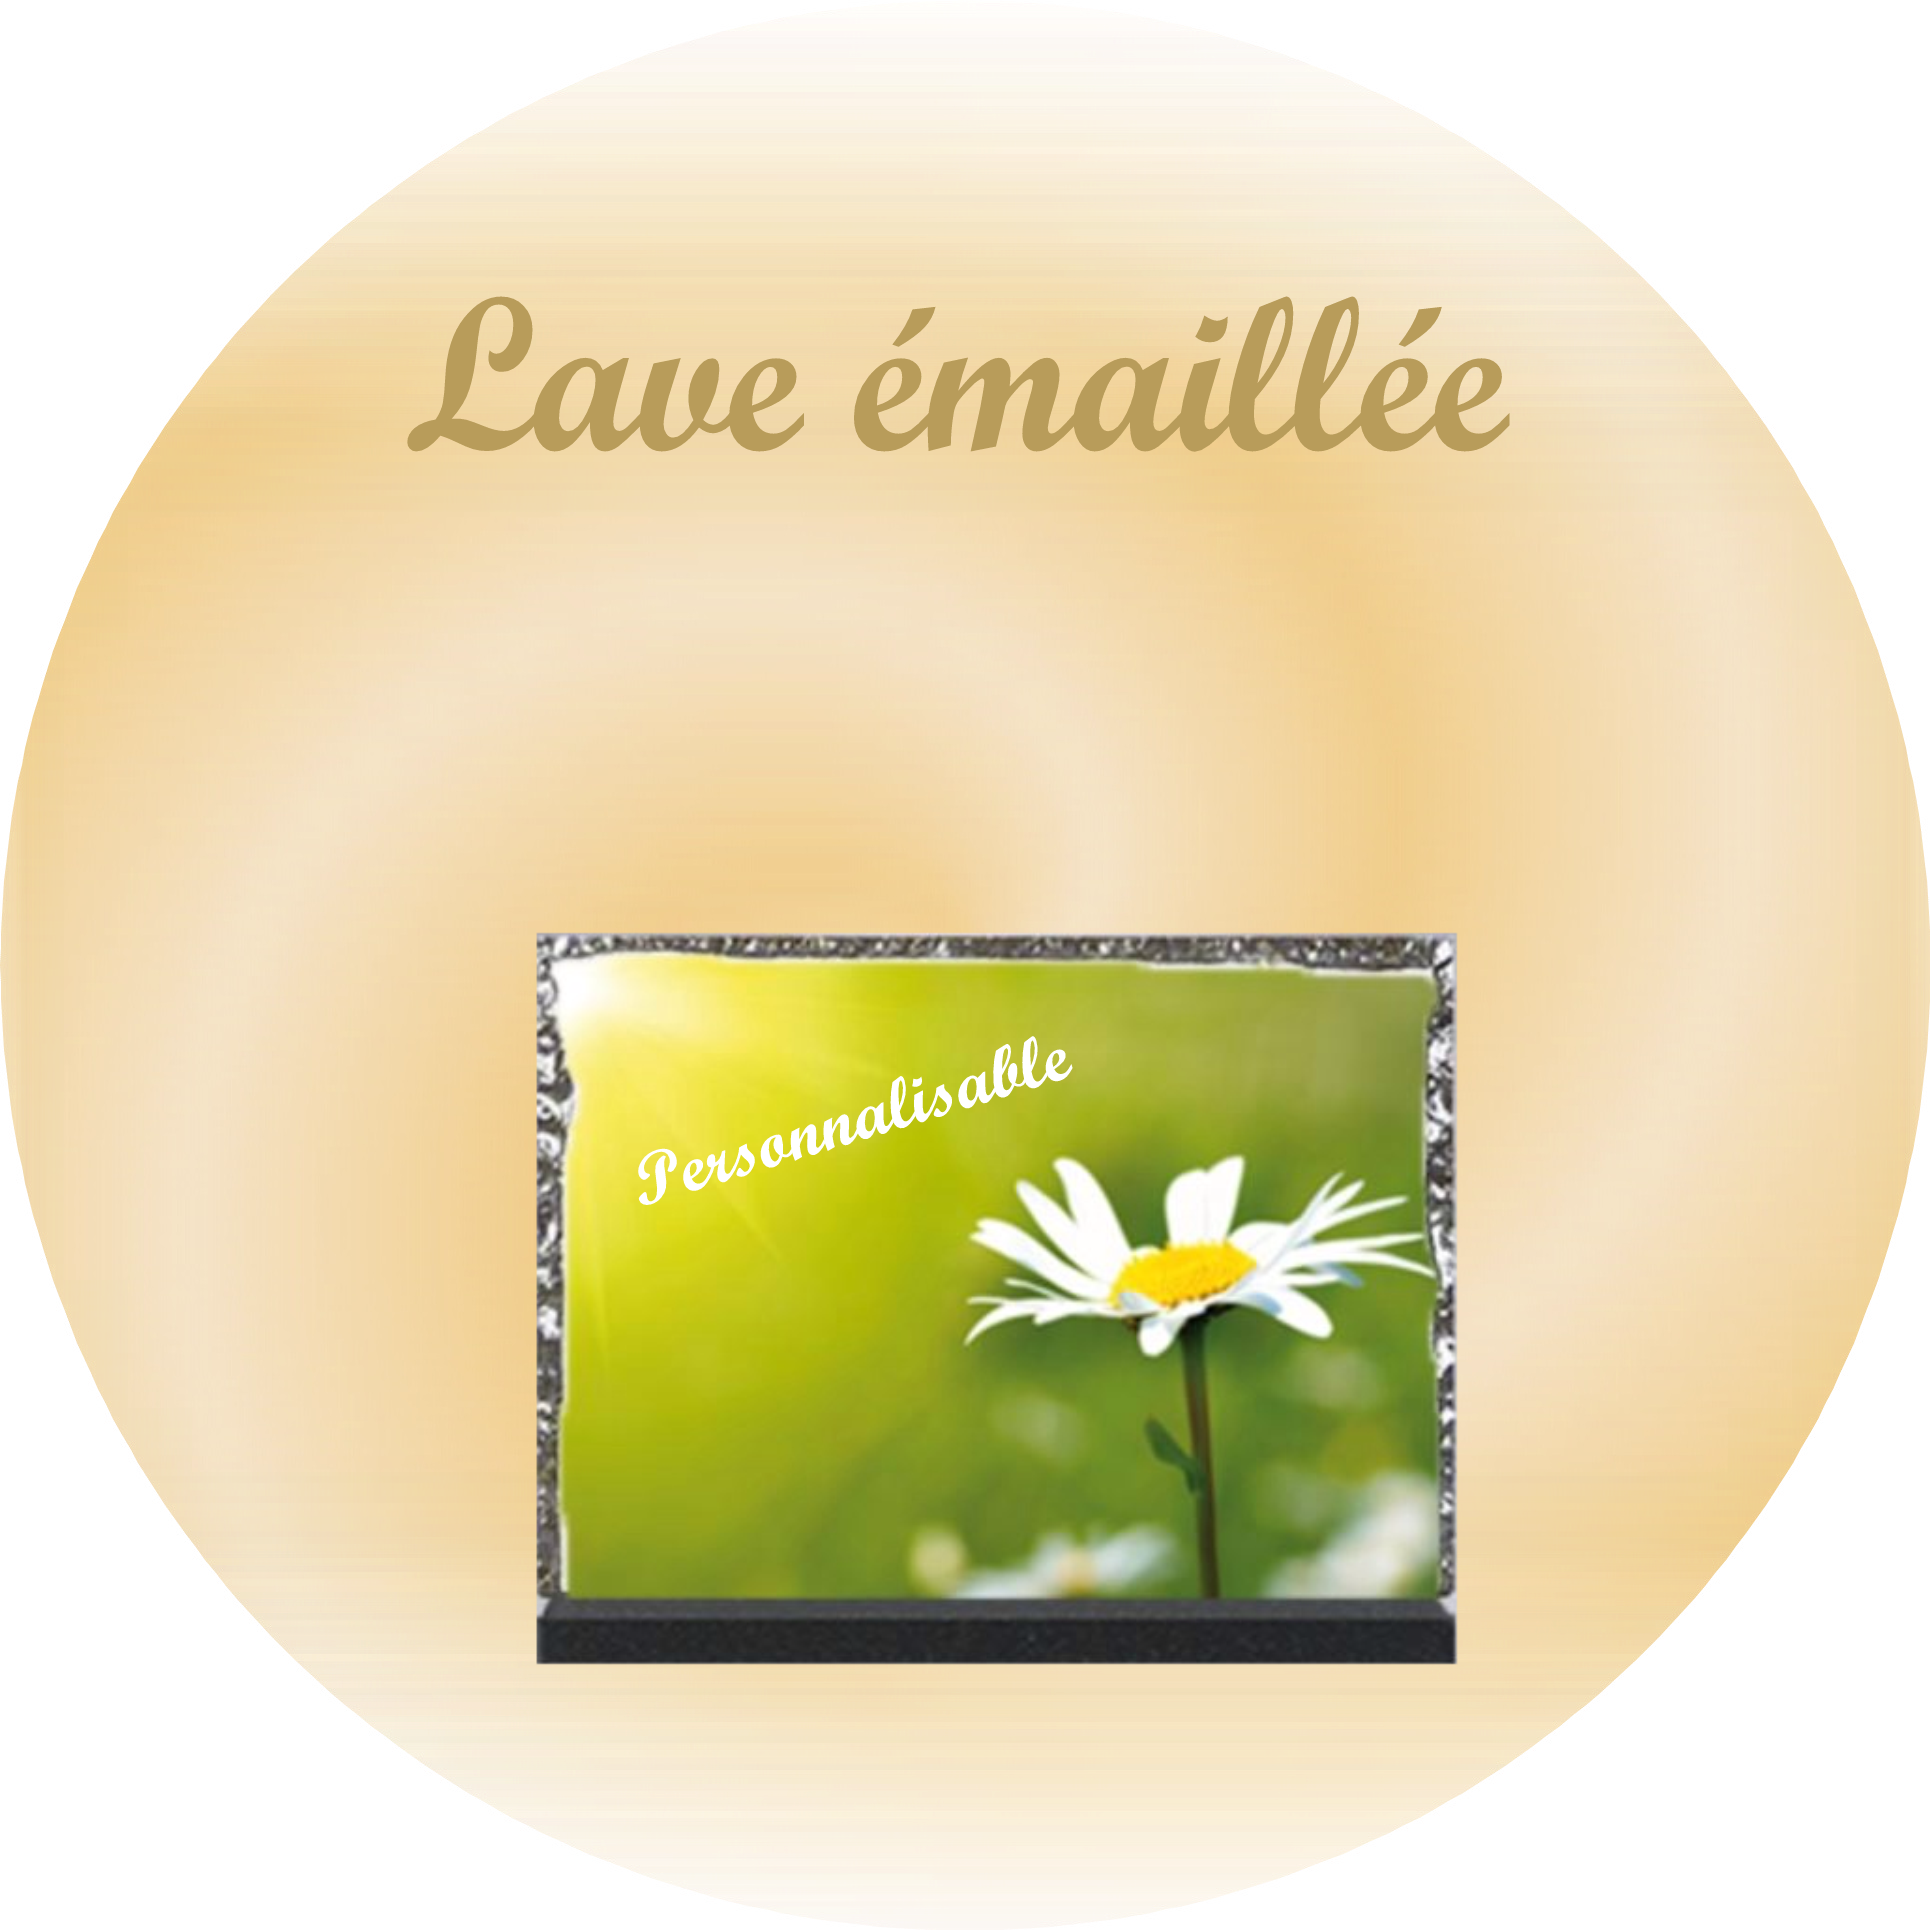 LIVRAISON PLAQUE FUNERAIRE LAVE EMAILLEE PARIS 7